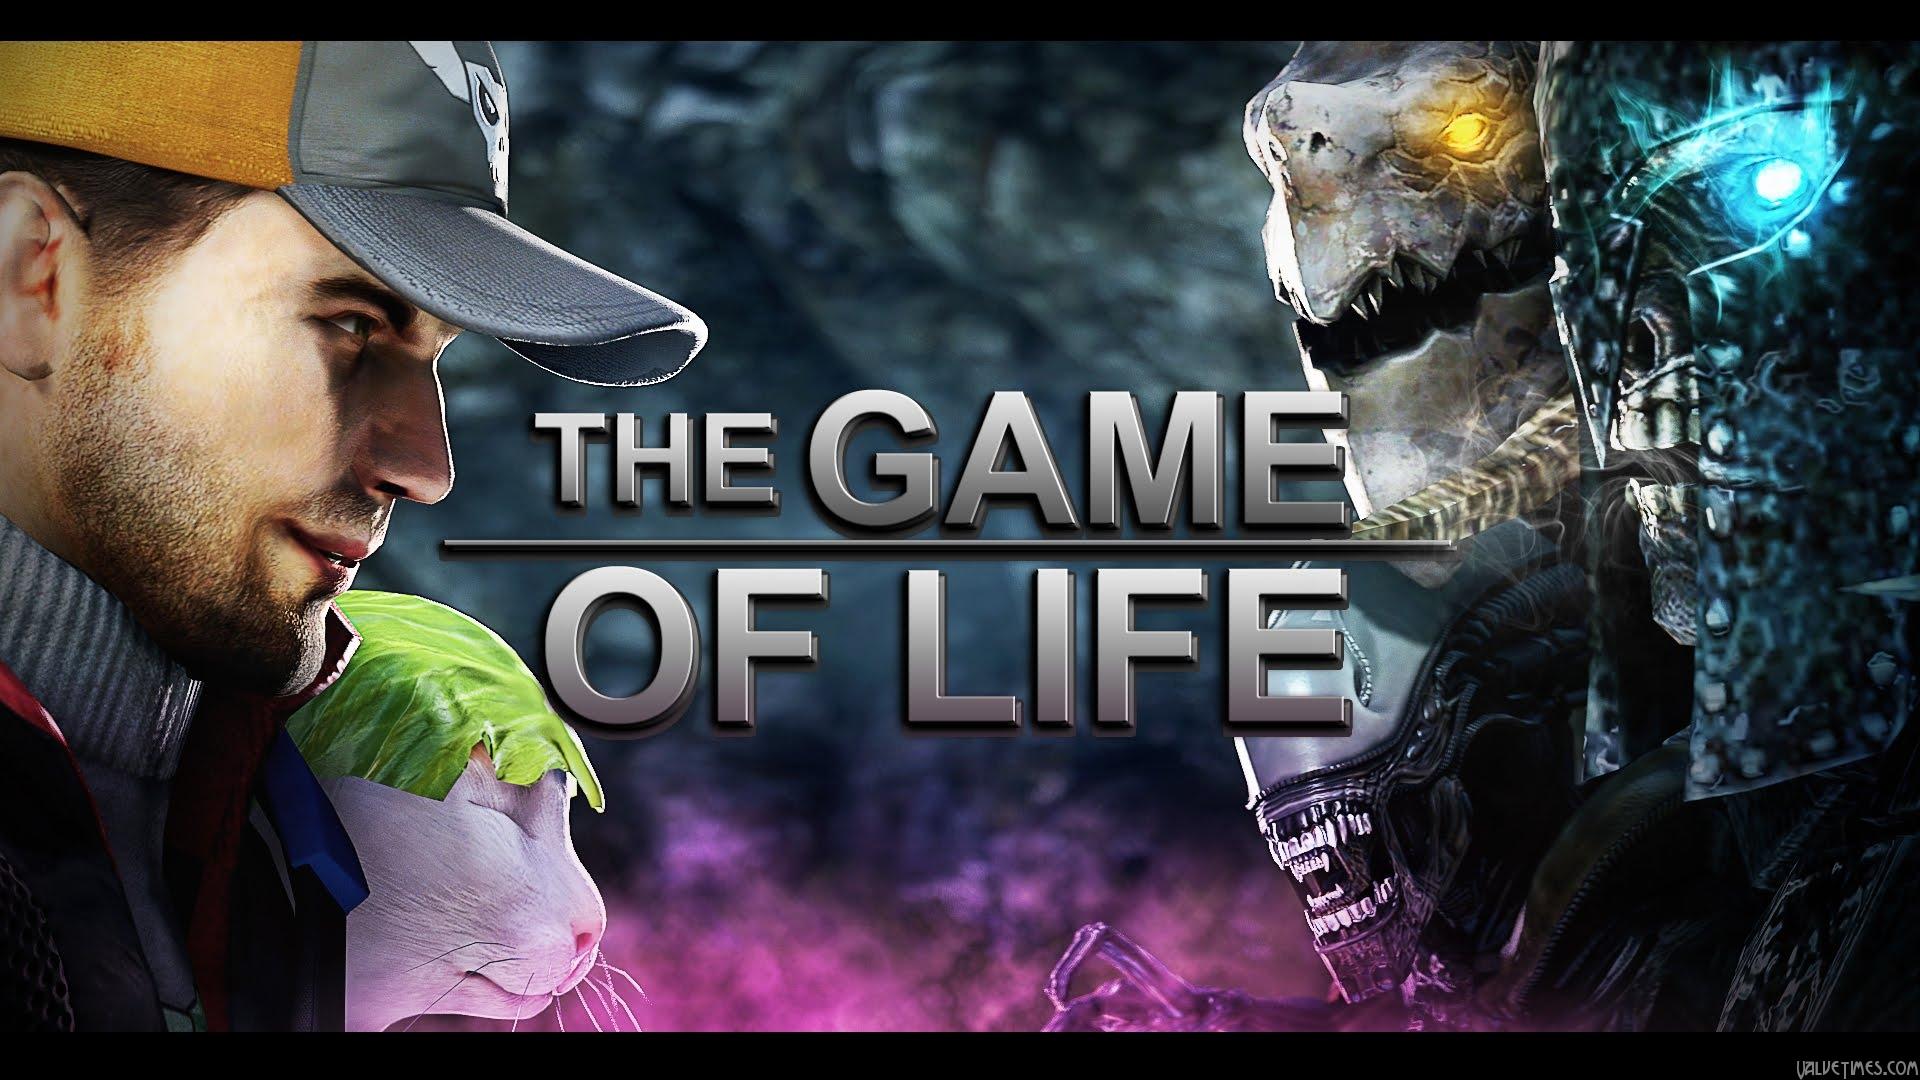 SFM: Что наша жизнь? Игра!